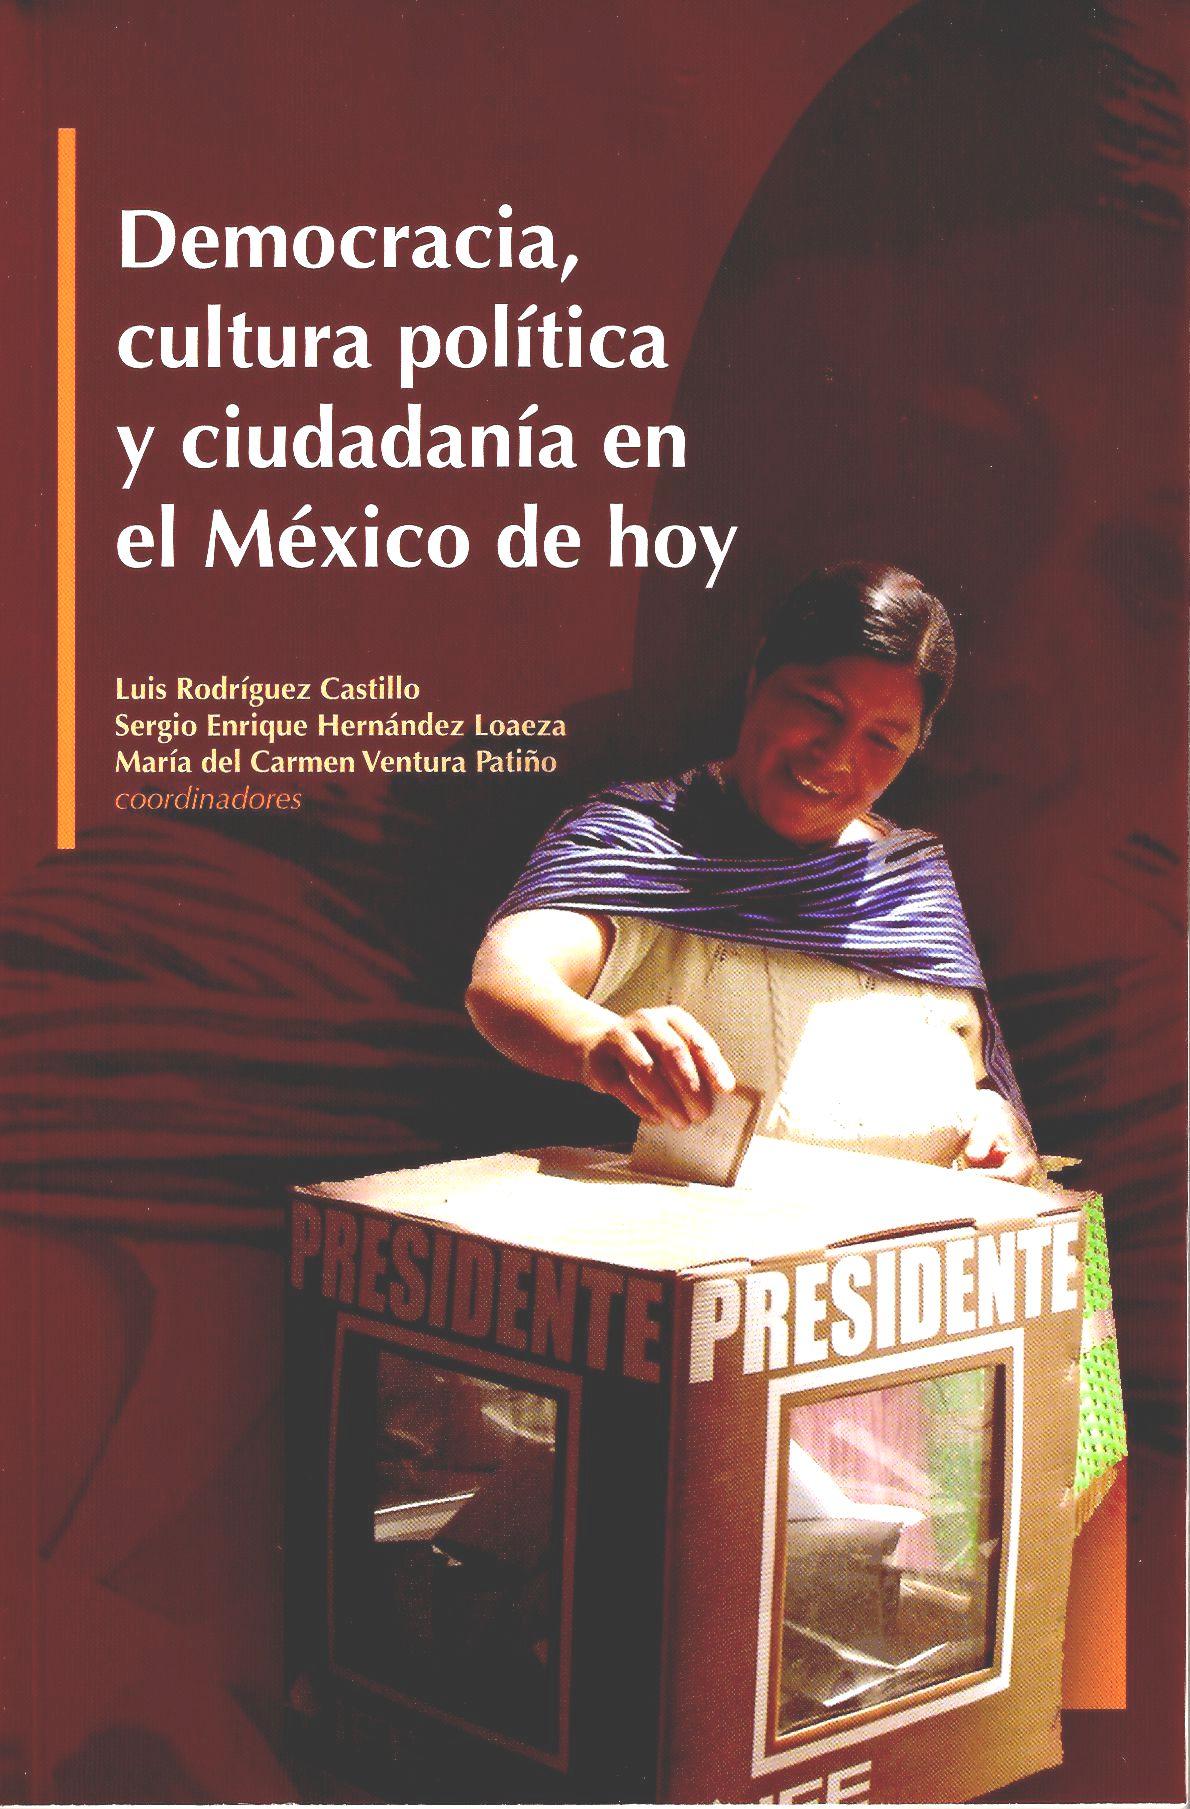 Democracia, cultura política y ciudadania en el México de hoy